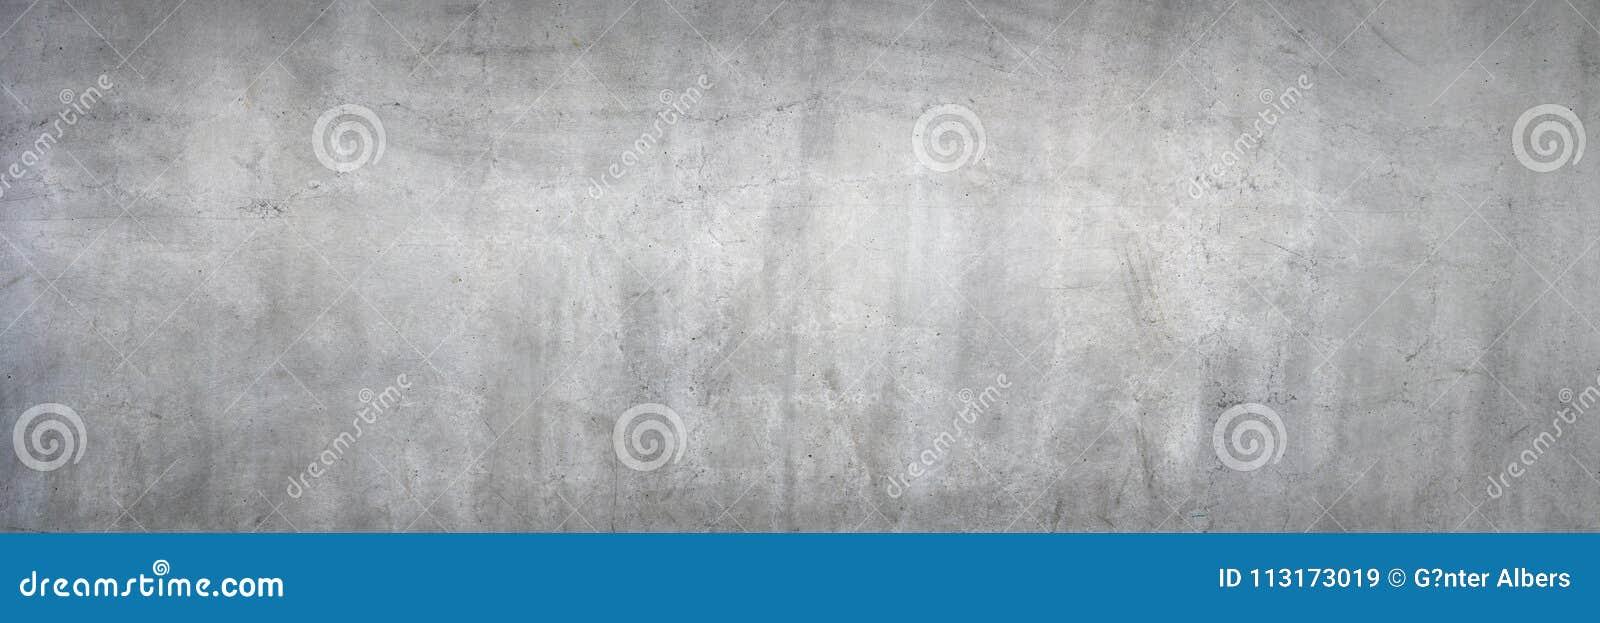 Mur en béton gris sale